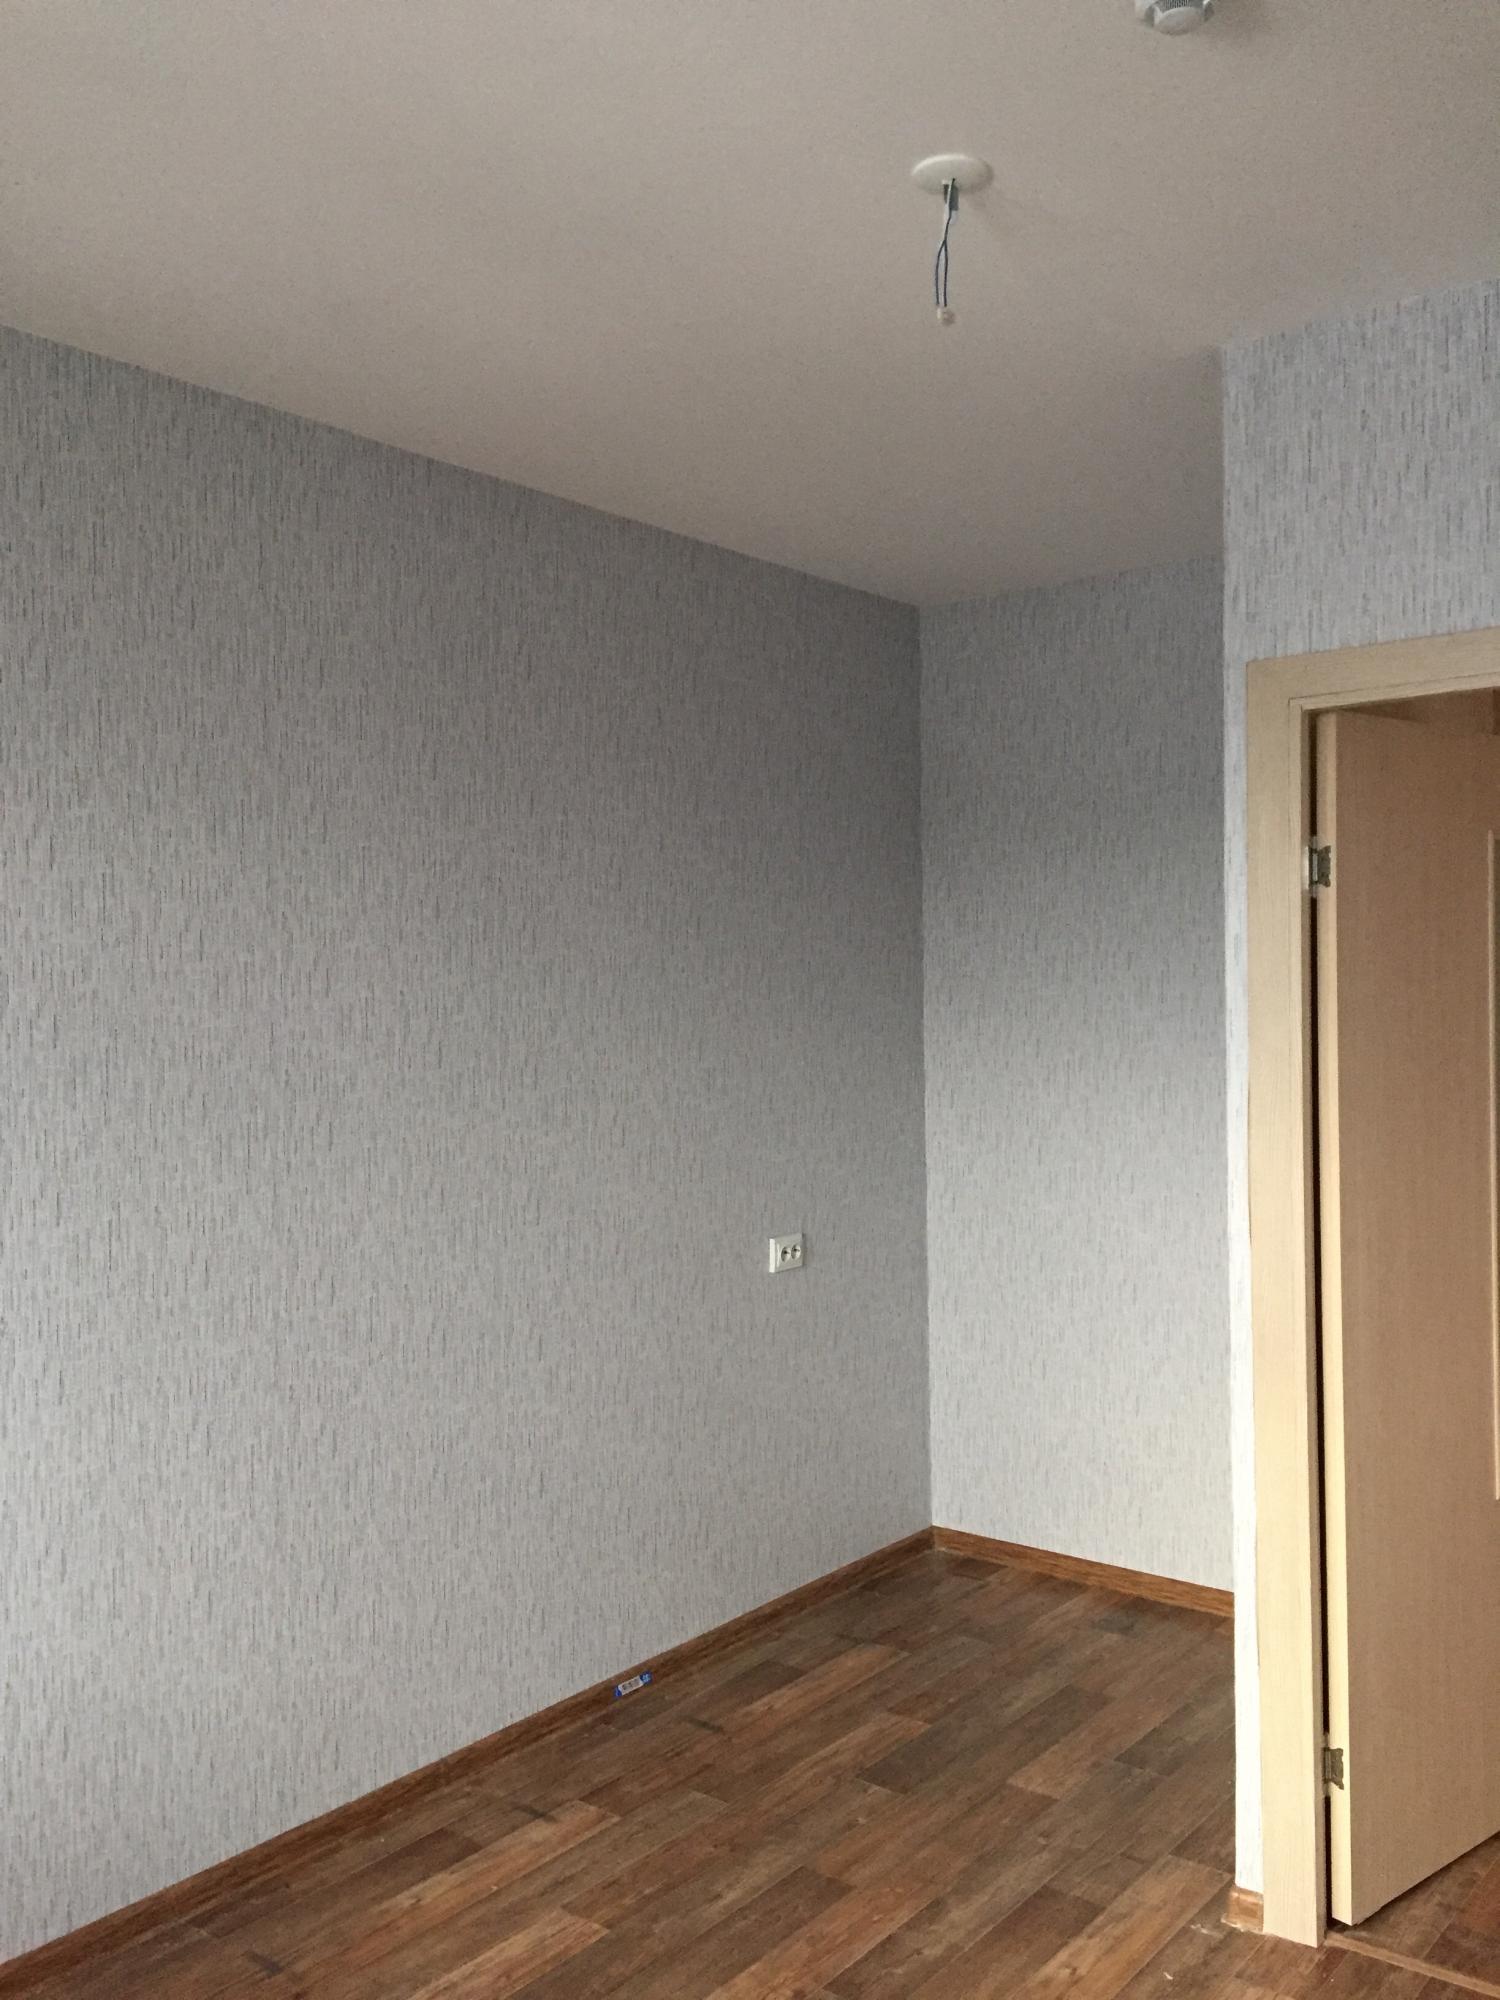 3к квартира Светлогорский переулок, 15 | 23000 | аренда в Красноярске фото 3